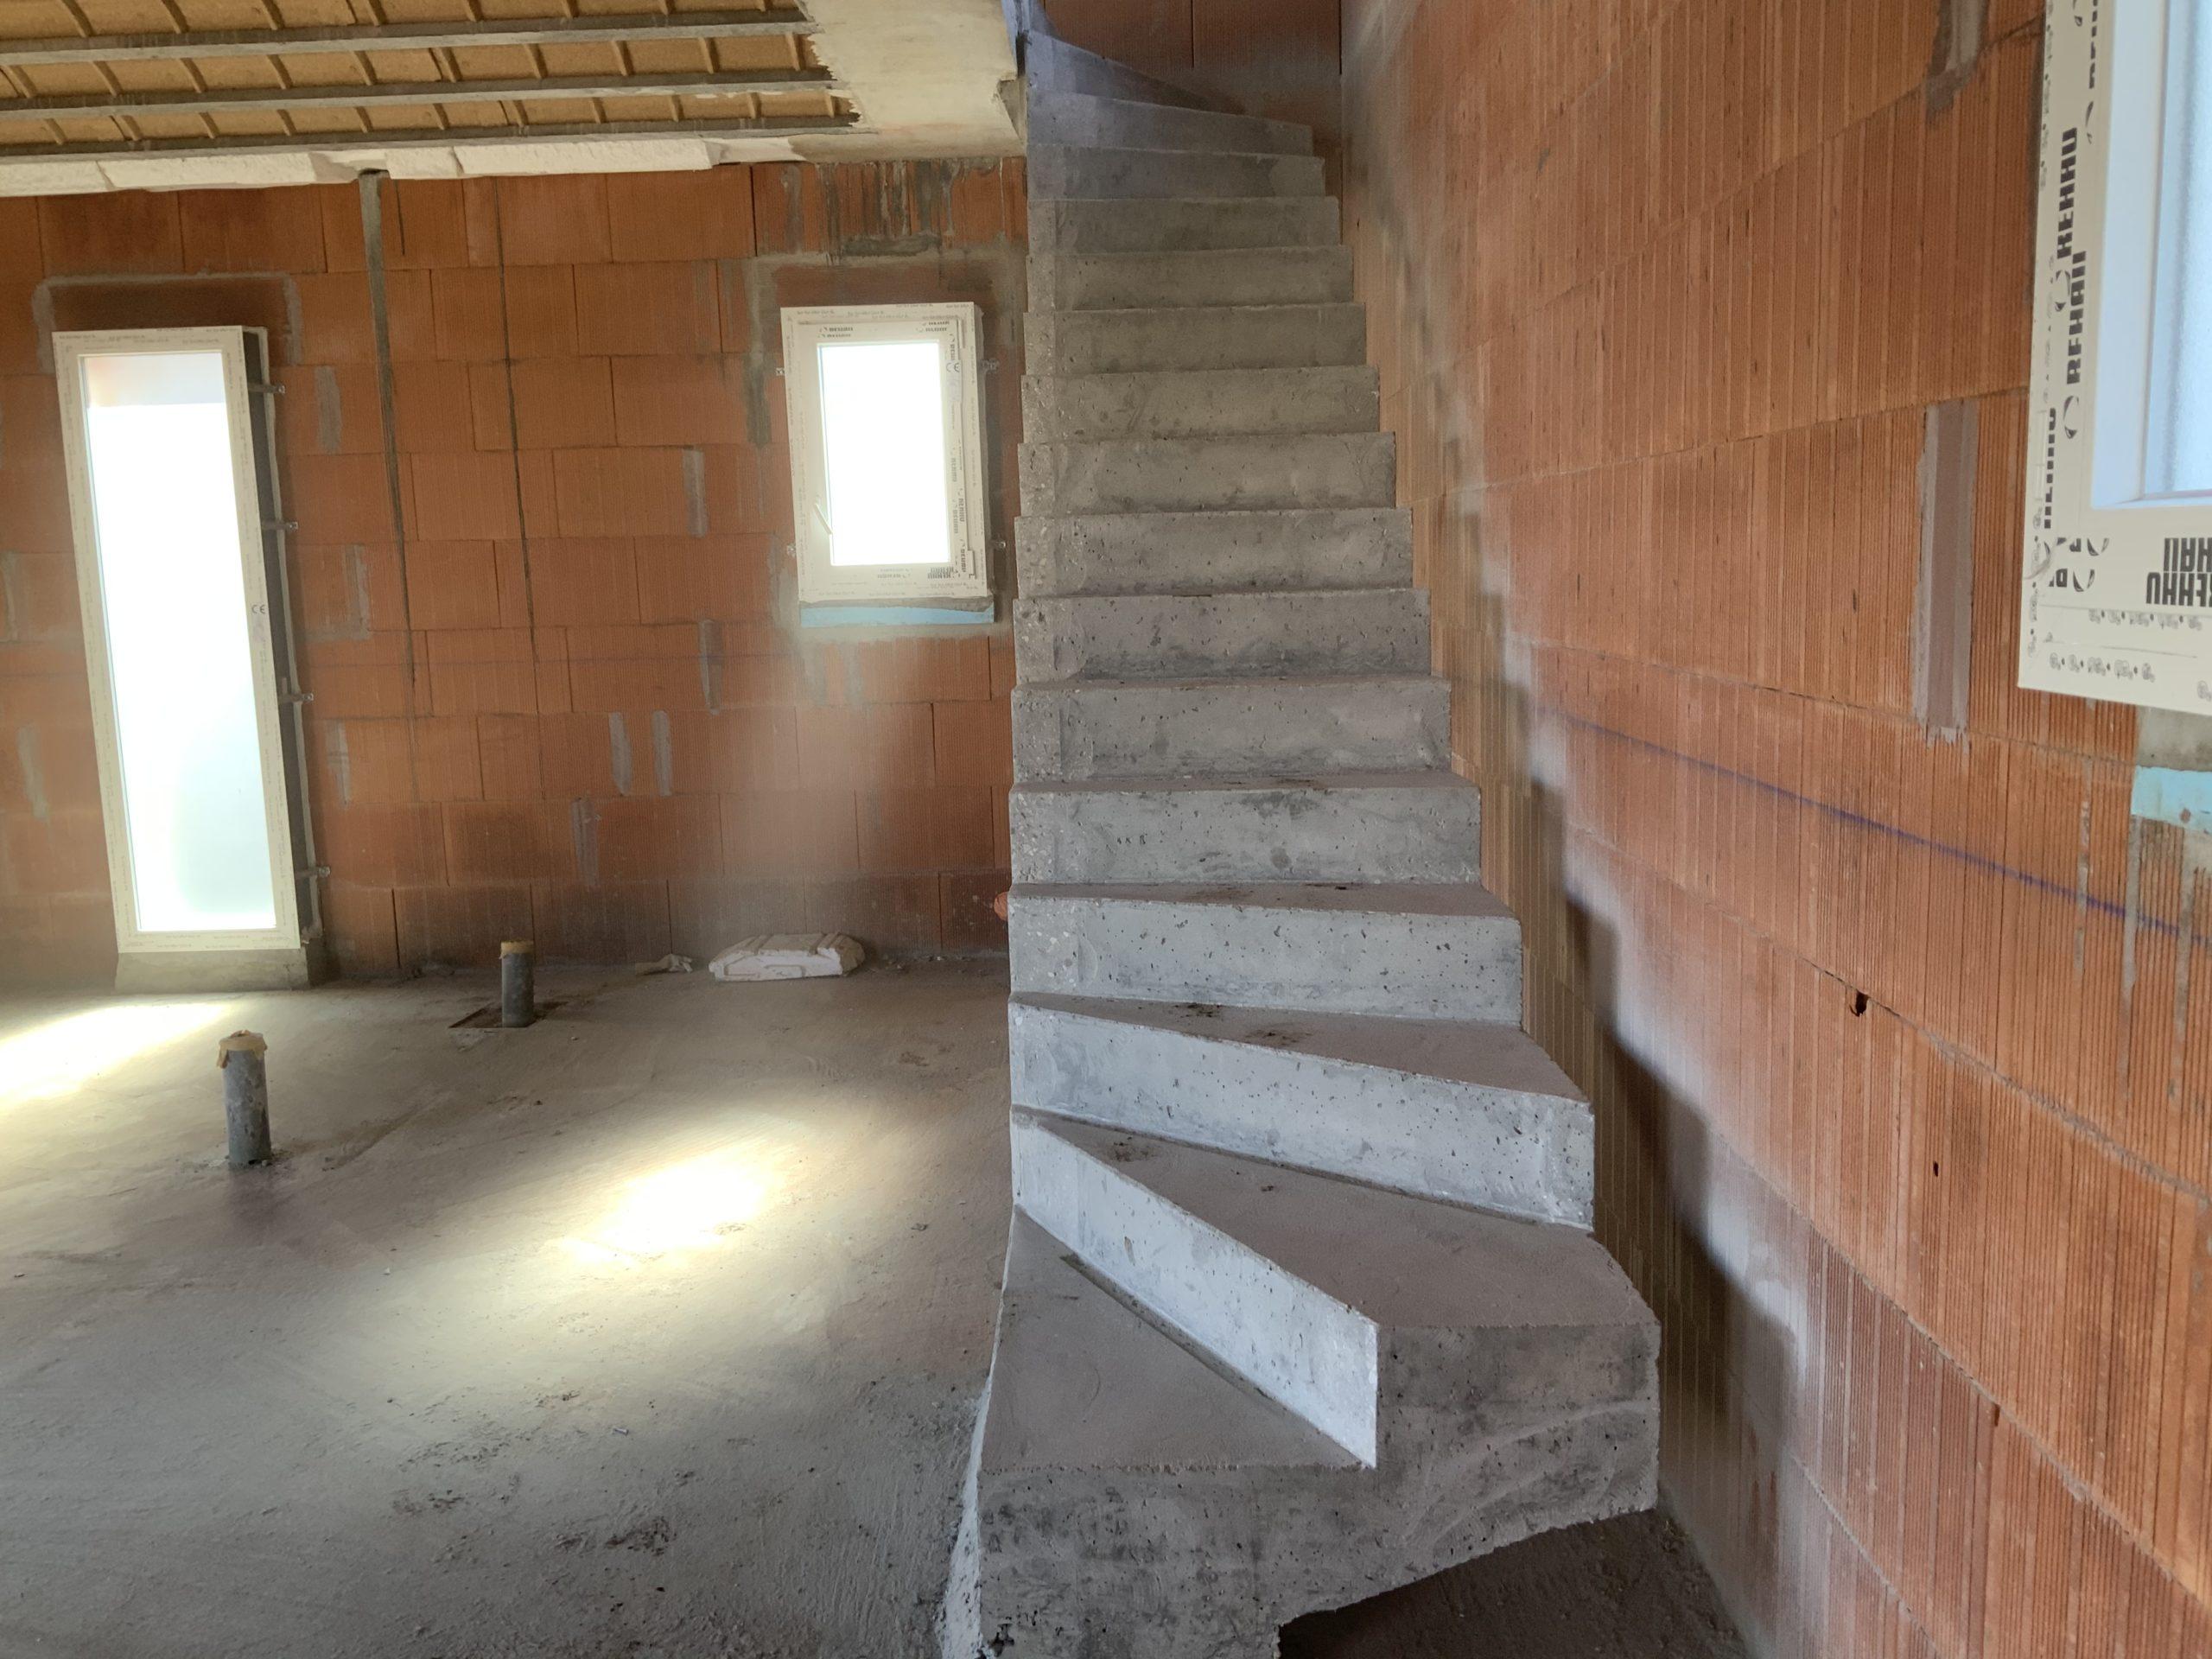 Deux quart balancé pour cet escalier